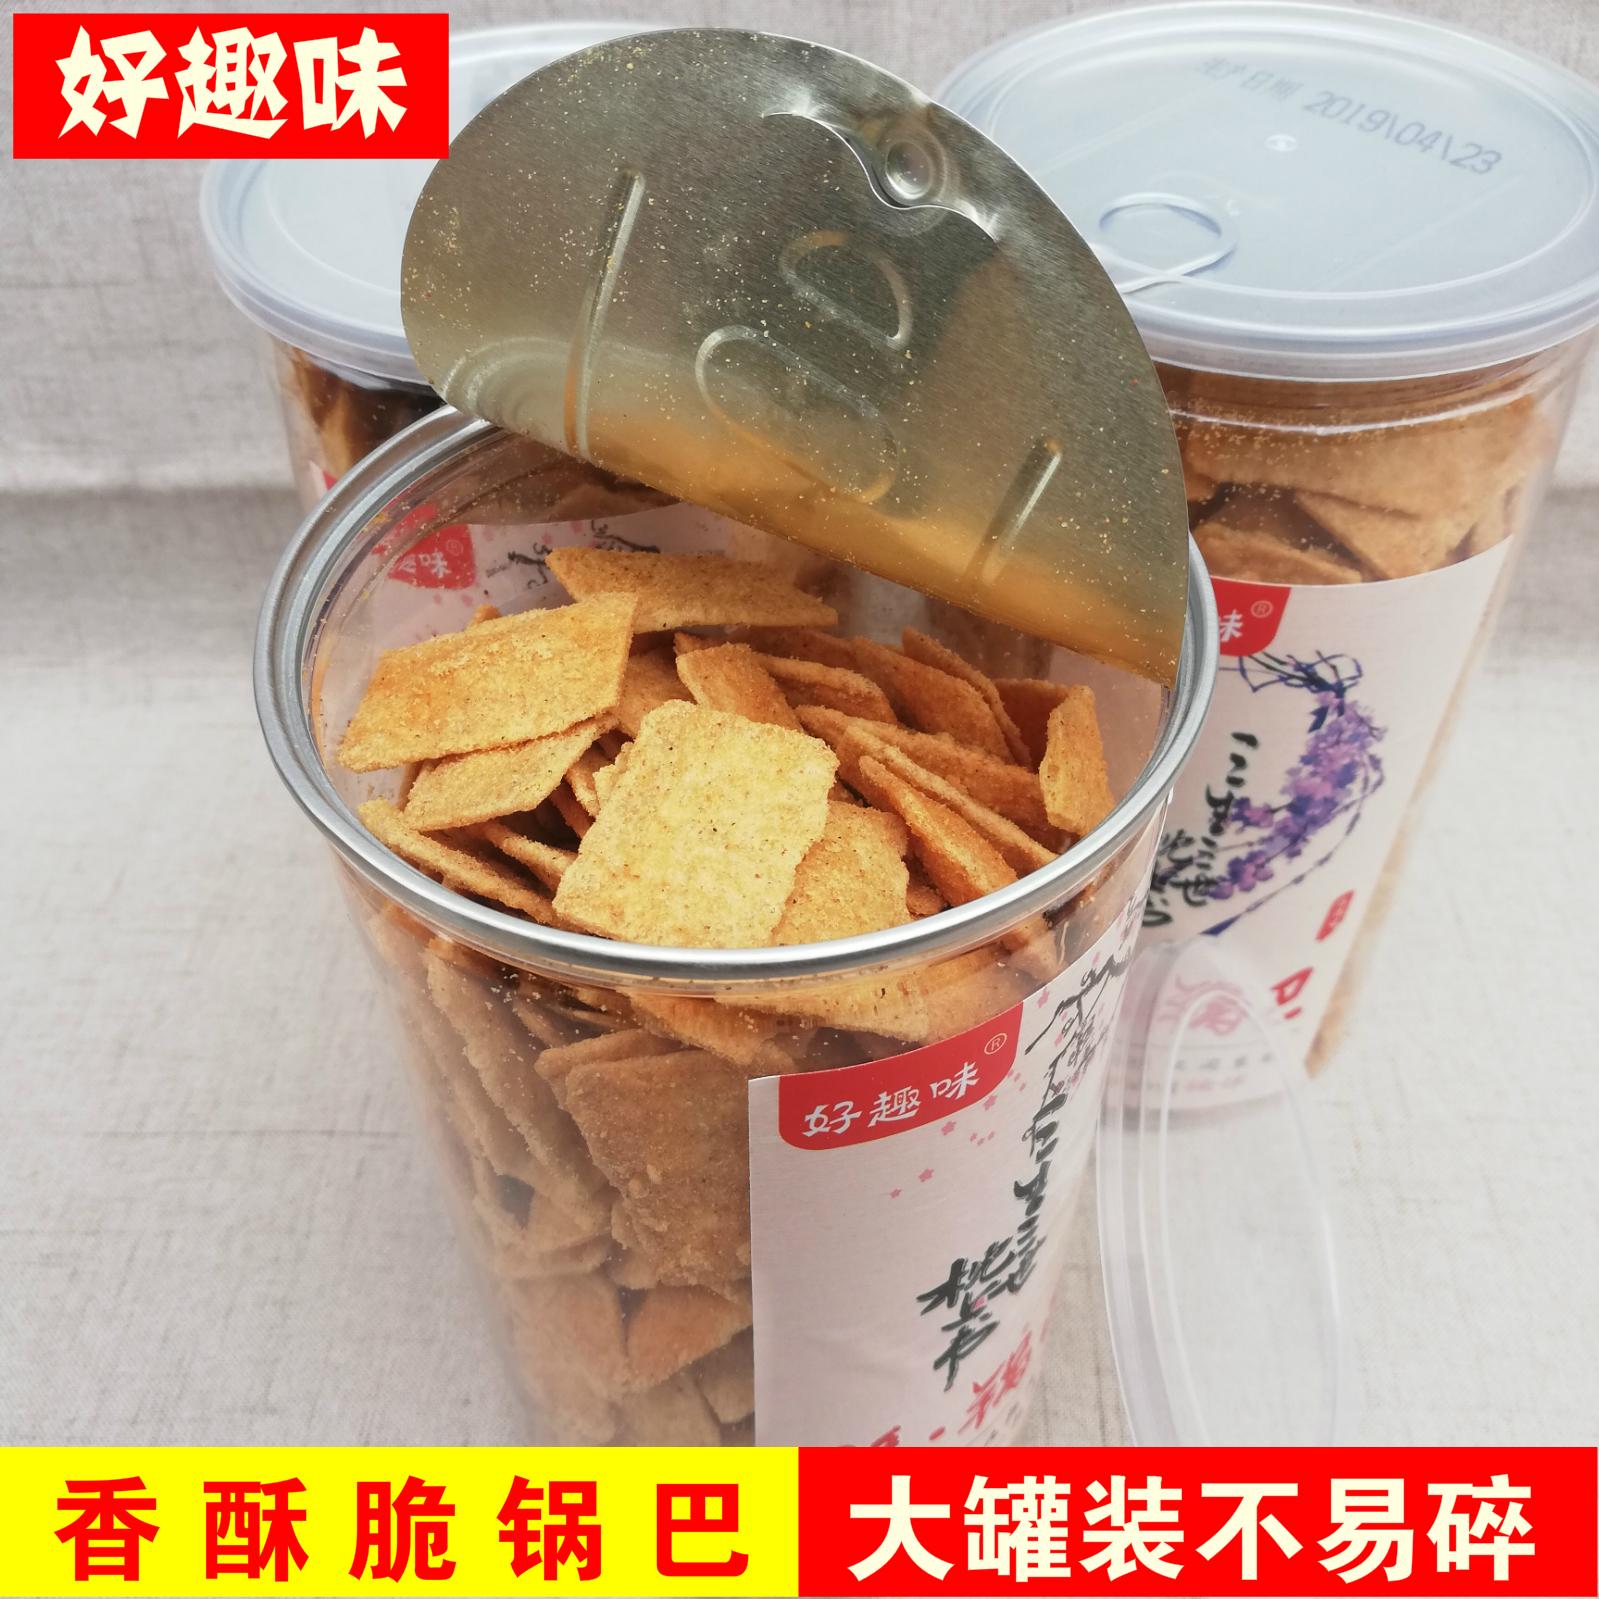 好趣味脆锅巴 罐装241克膨化食品酥脆可口手工老灶桶装休闲小零食限10000张券